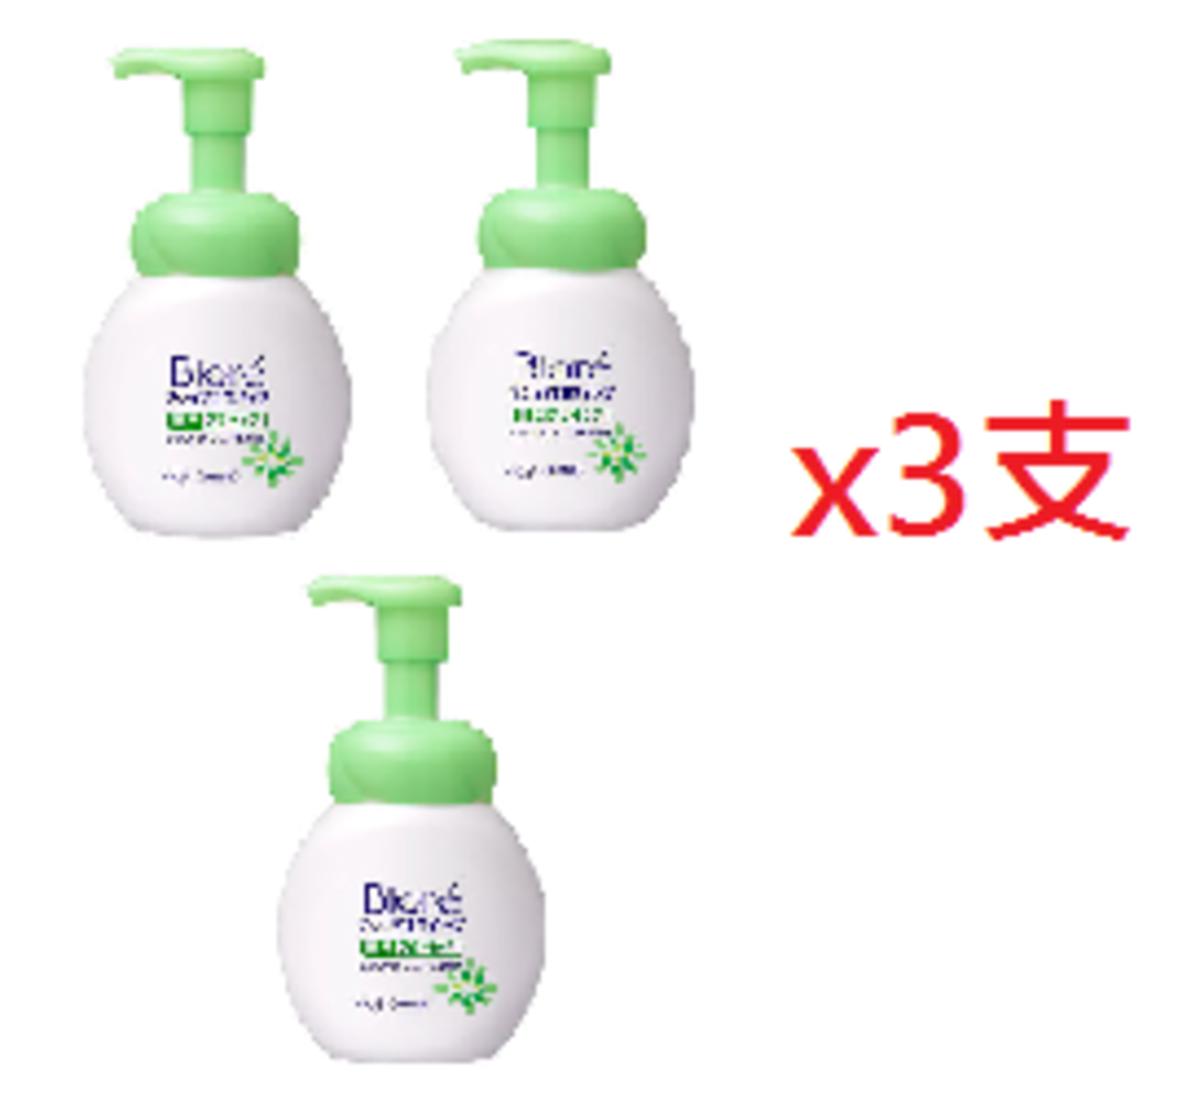 Biore bubble face Acne wash(Green) 150ml x 3 pcs